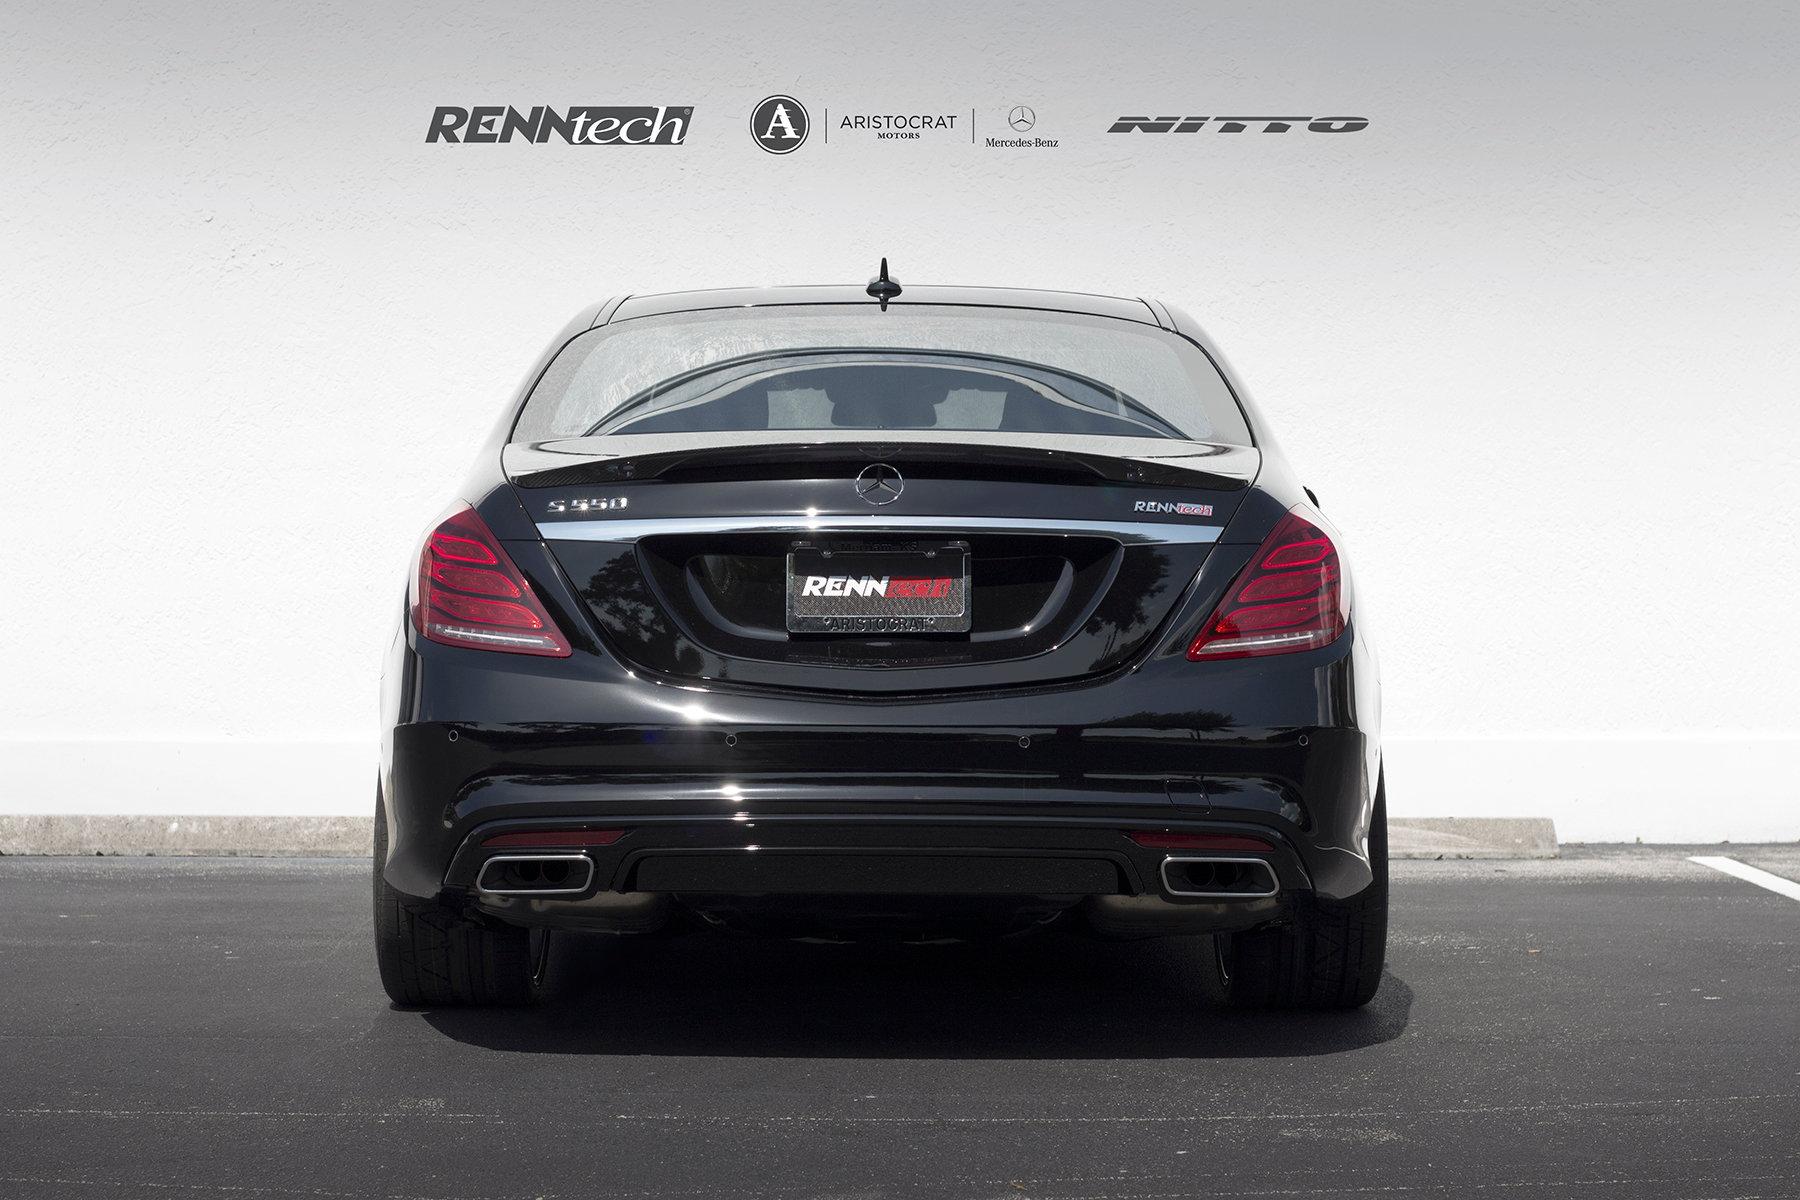 Mercedes- Benz   S 550   RENNtech   Aristocrat - Teamspeed com